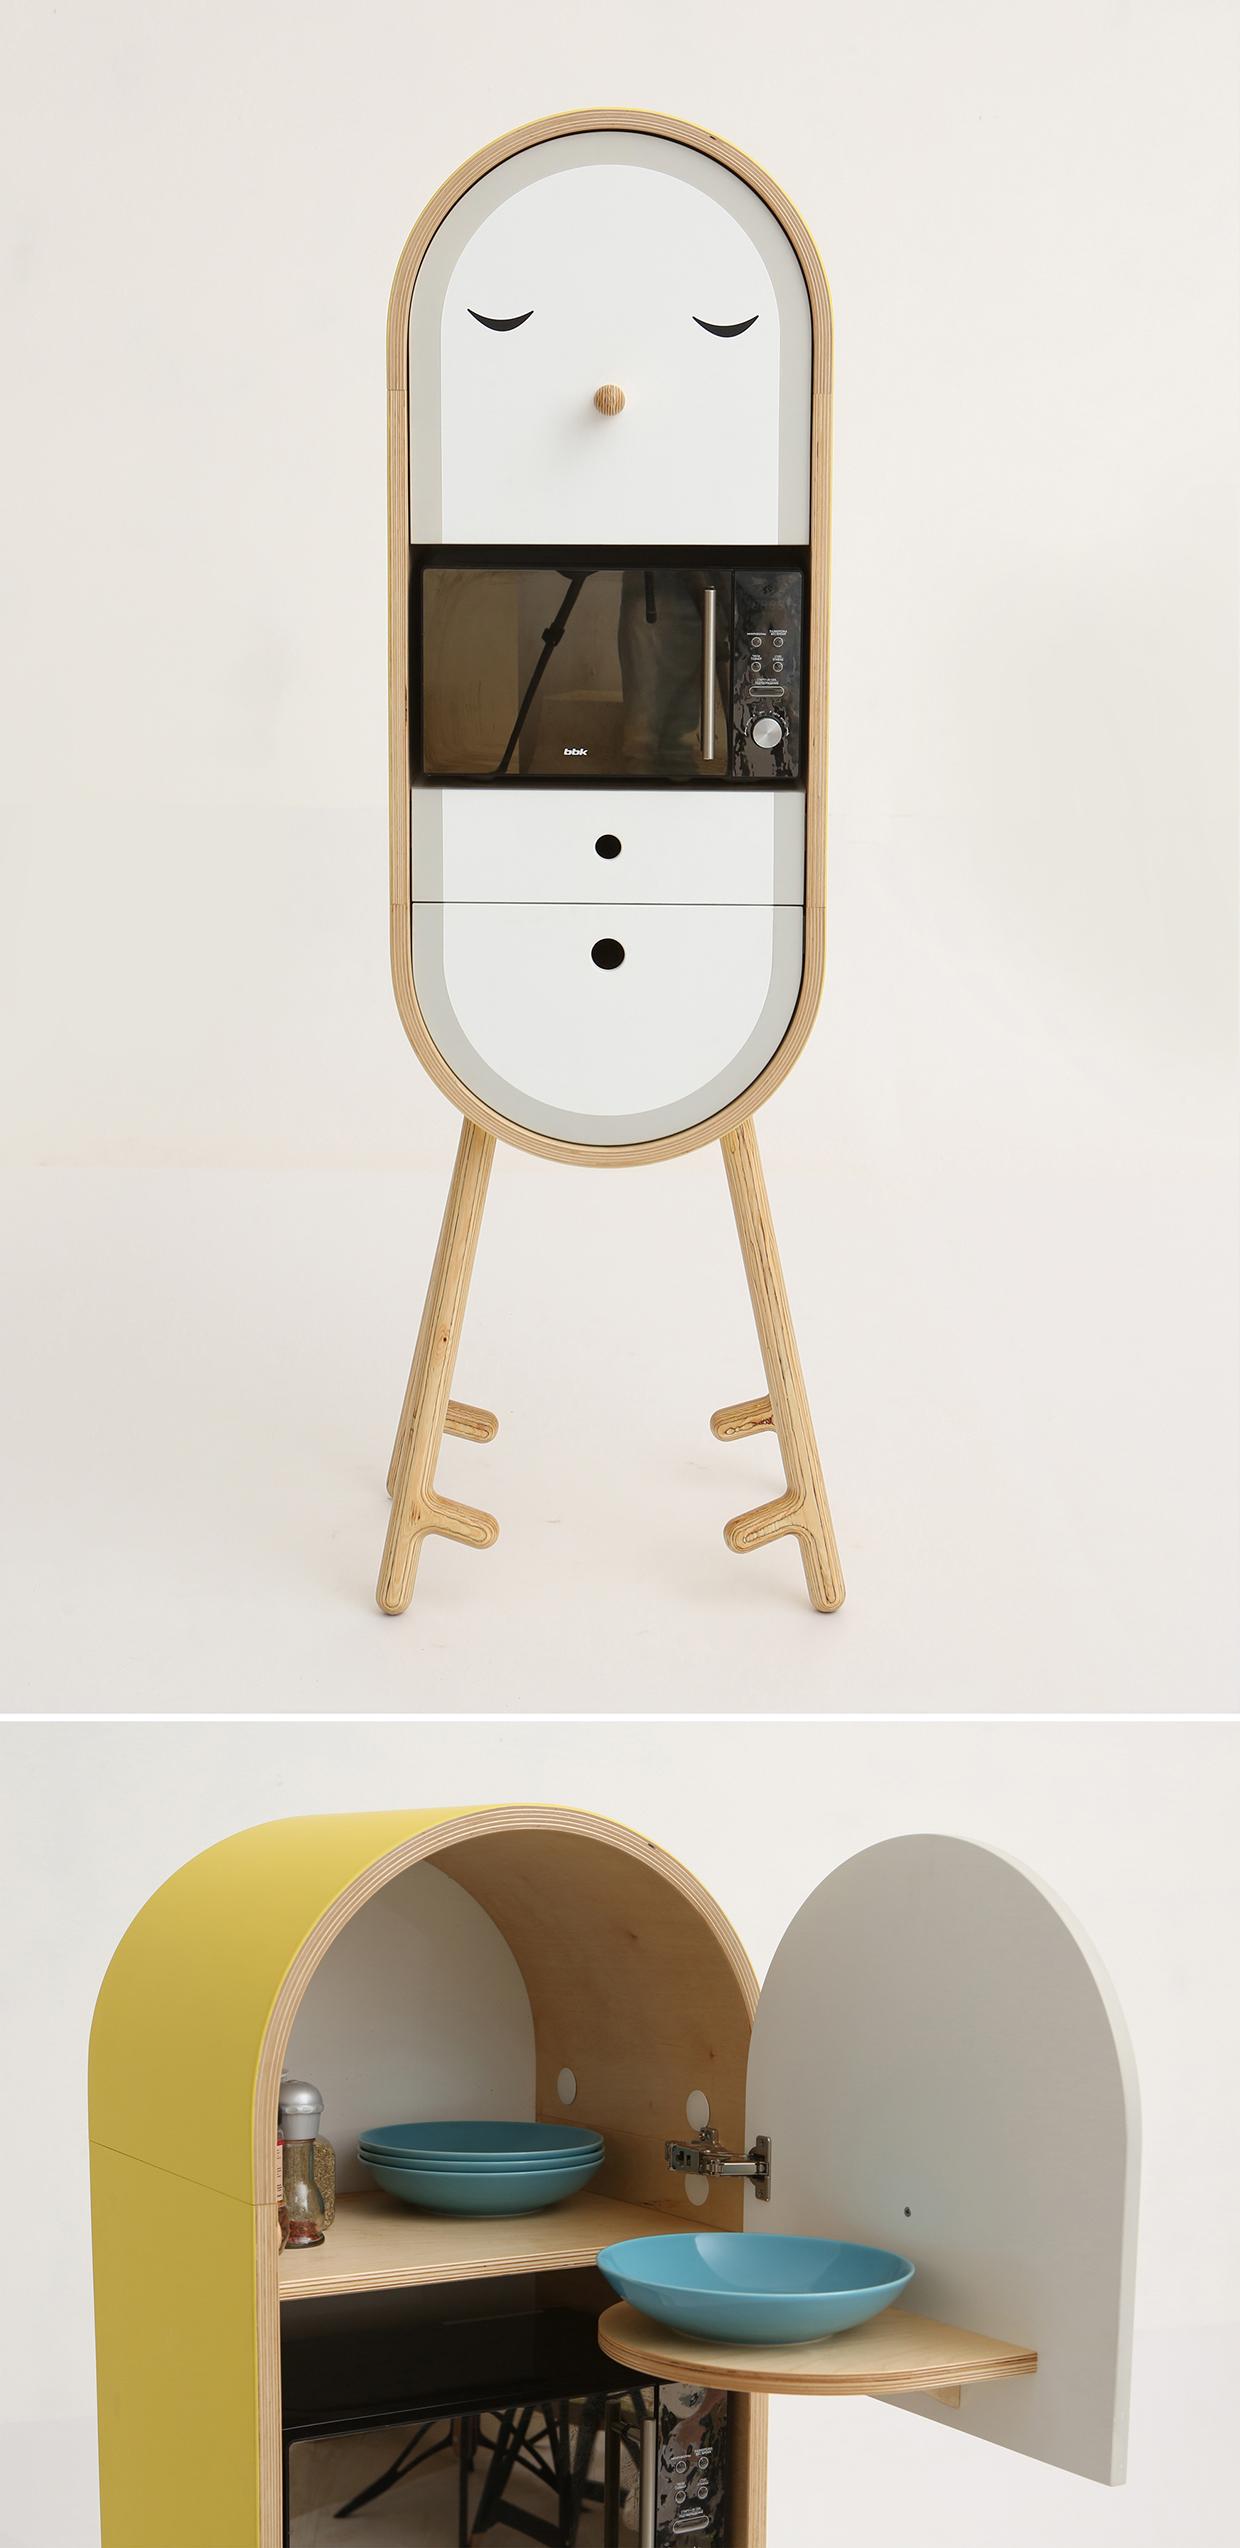 Lolo The Capsular Micro Kitchen Design